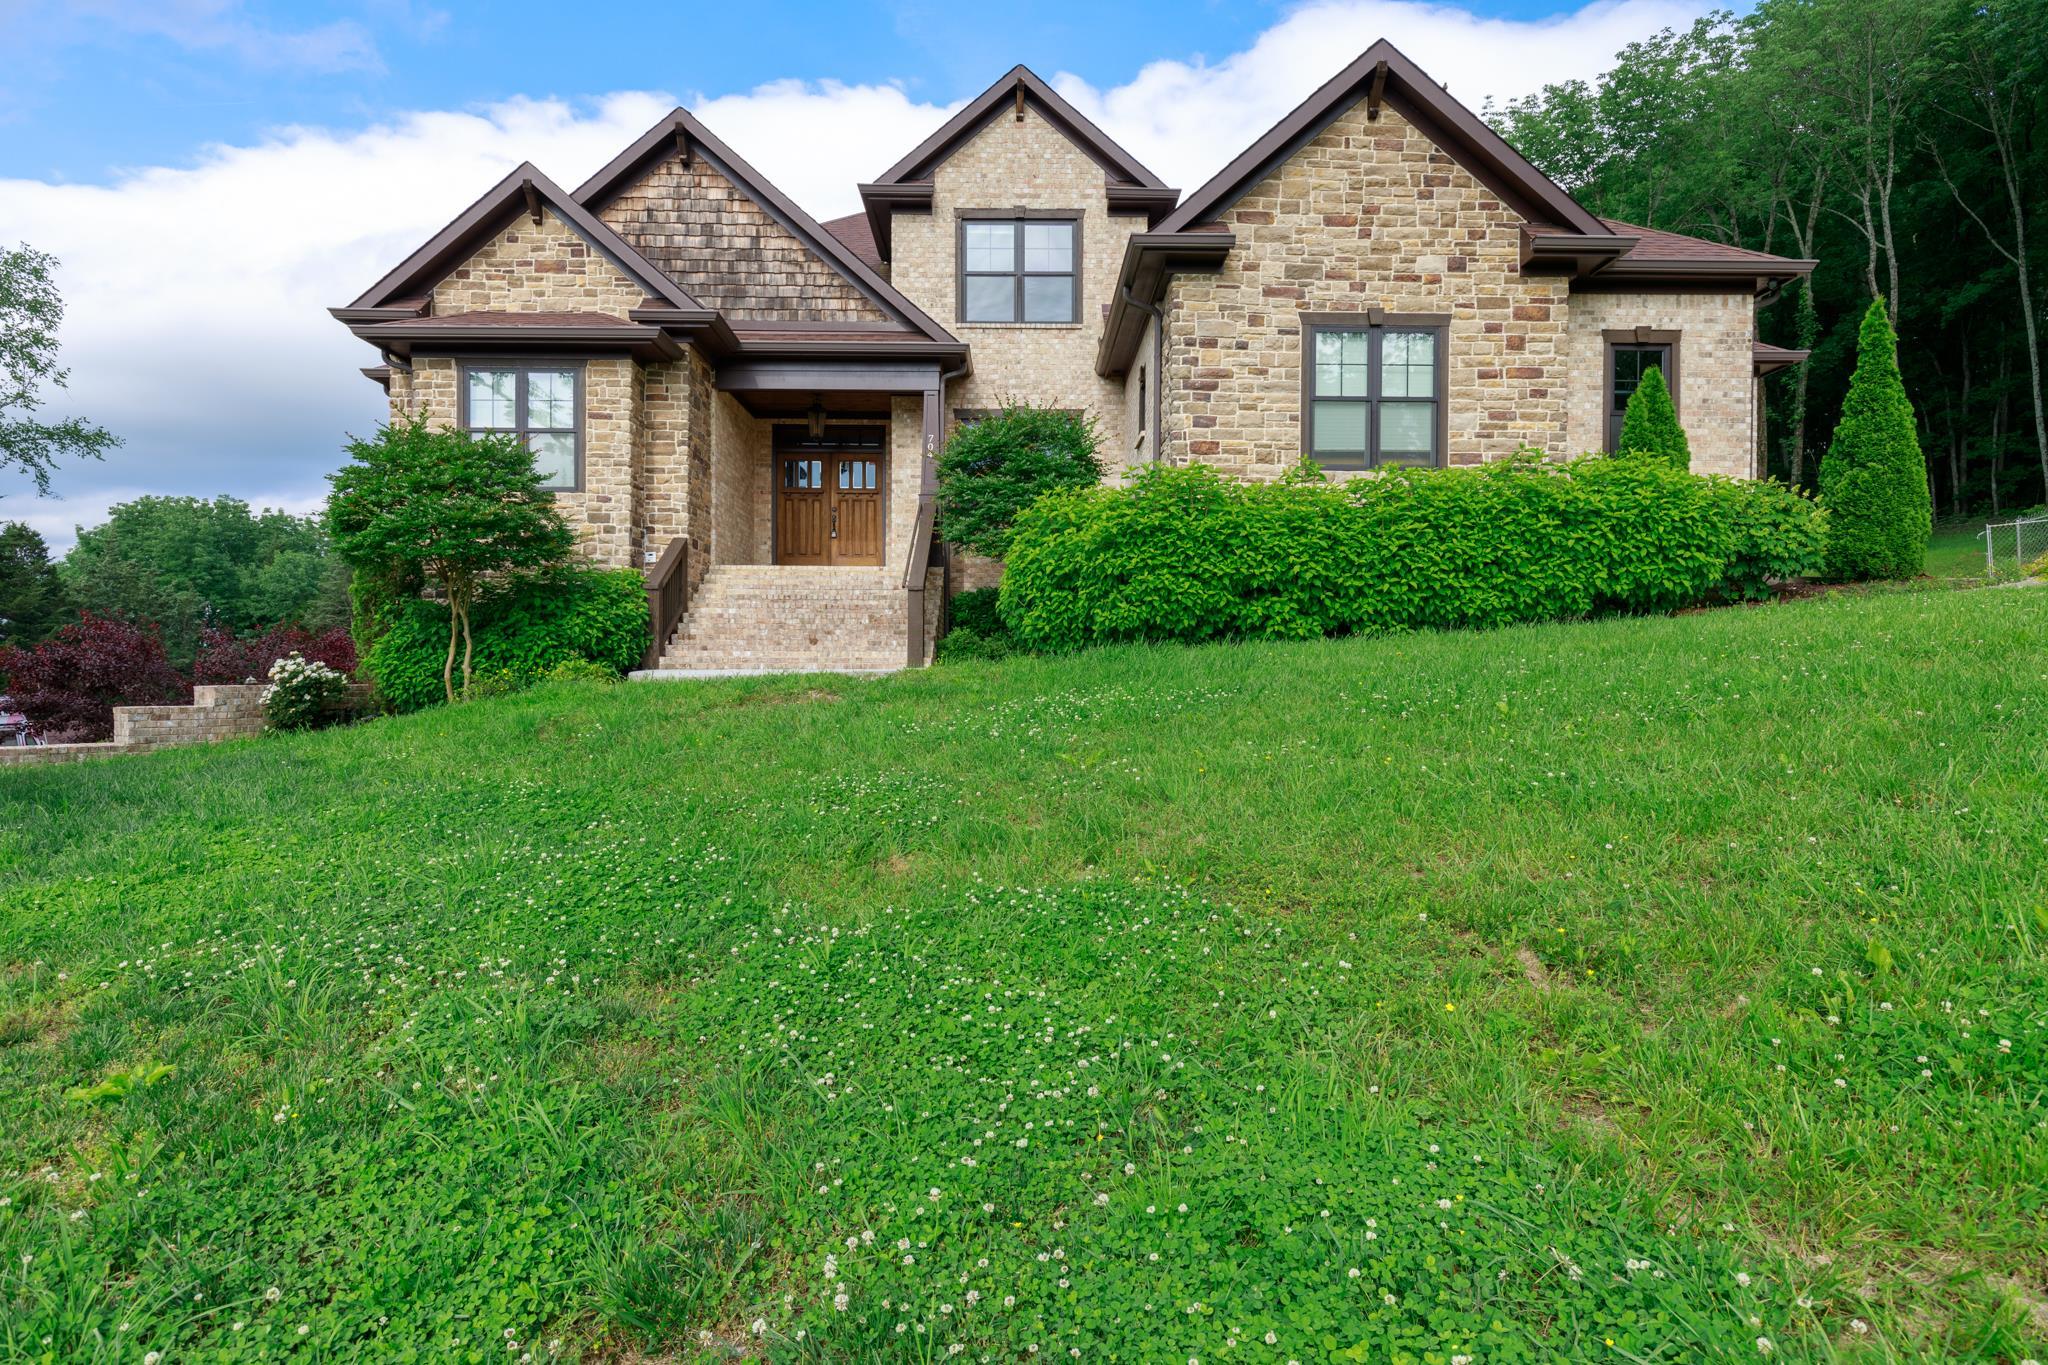 704 Lauderback Rdg, Smyrna, TN 37167 - Smyrna, TN real estate listing